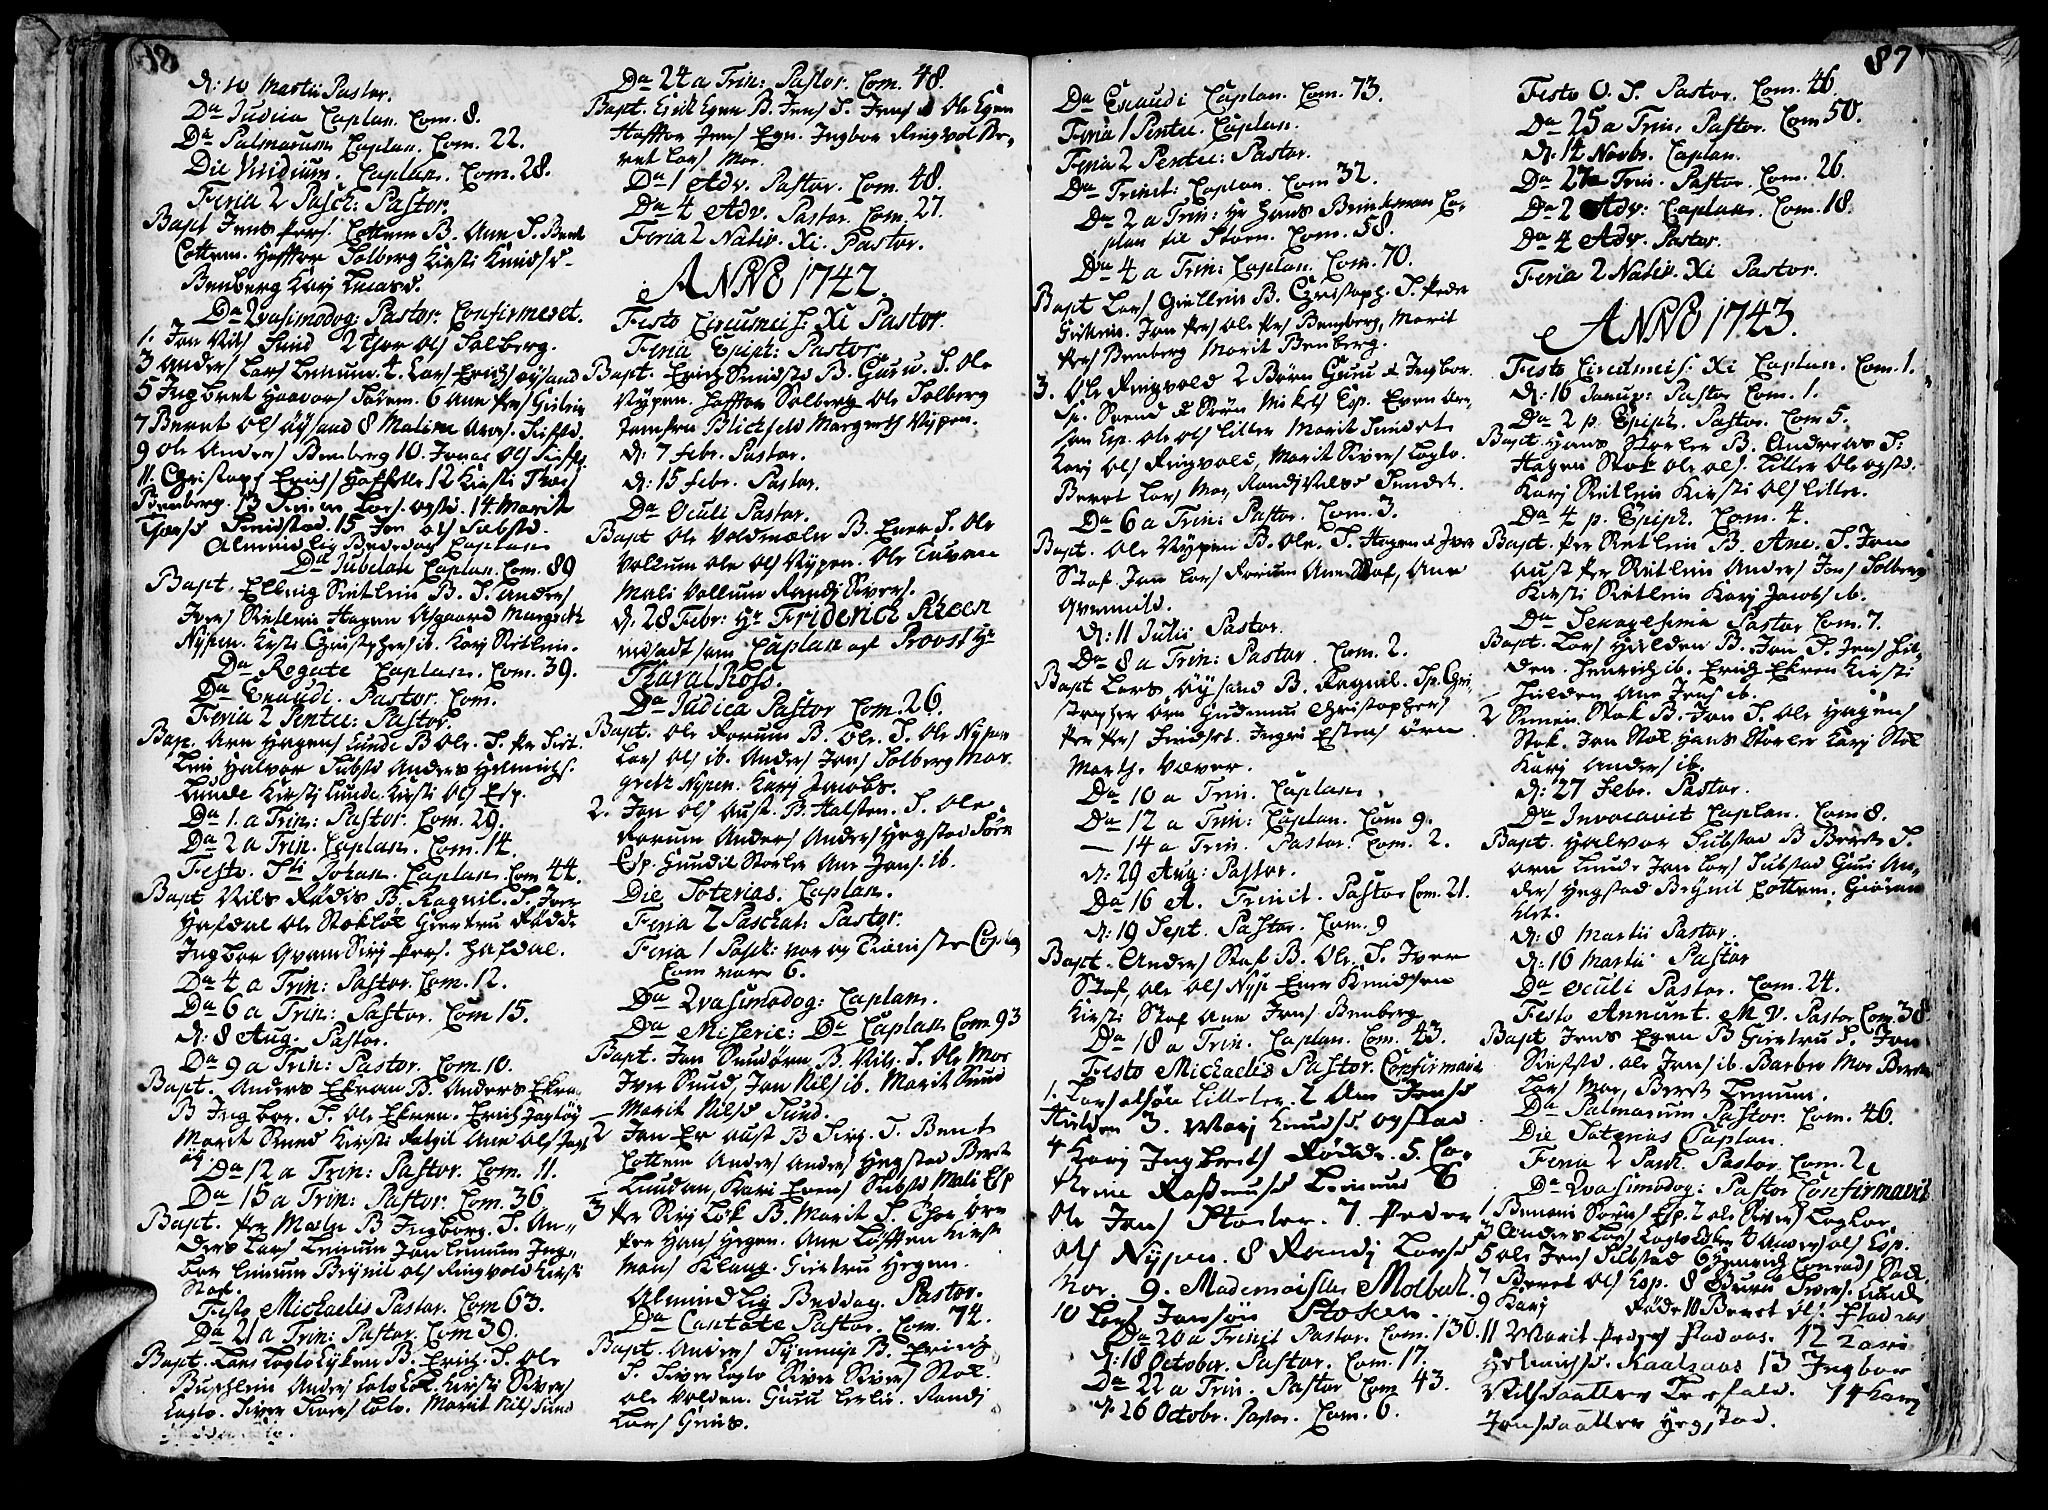 SAT, Ministerialprotokoller, klokkerbøker og fødselsregistre - Sør-Trøndelag, 691/L1059: Ministerialbok nr. 691A01 /3, 1740-1767, s. 87